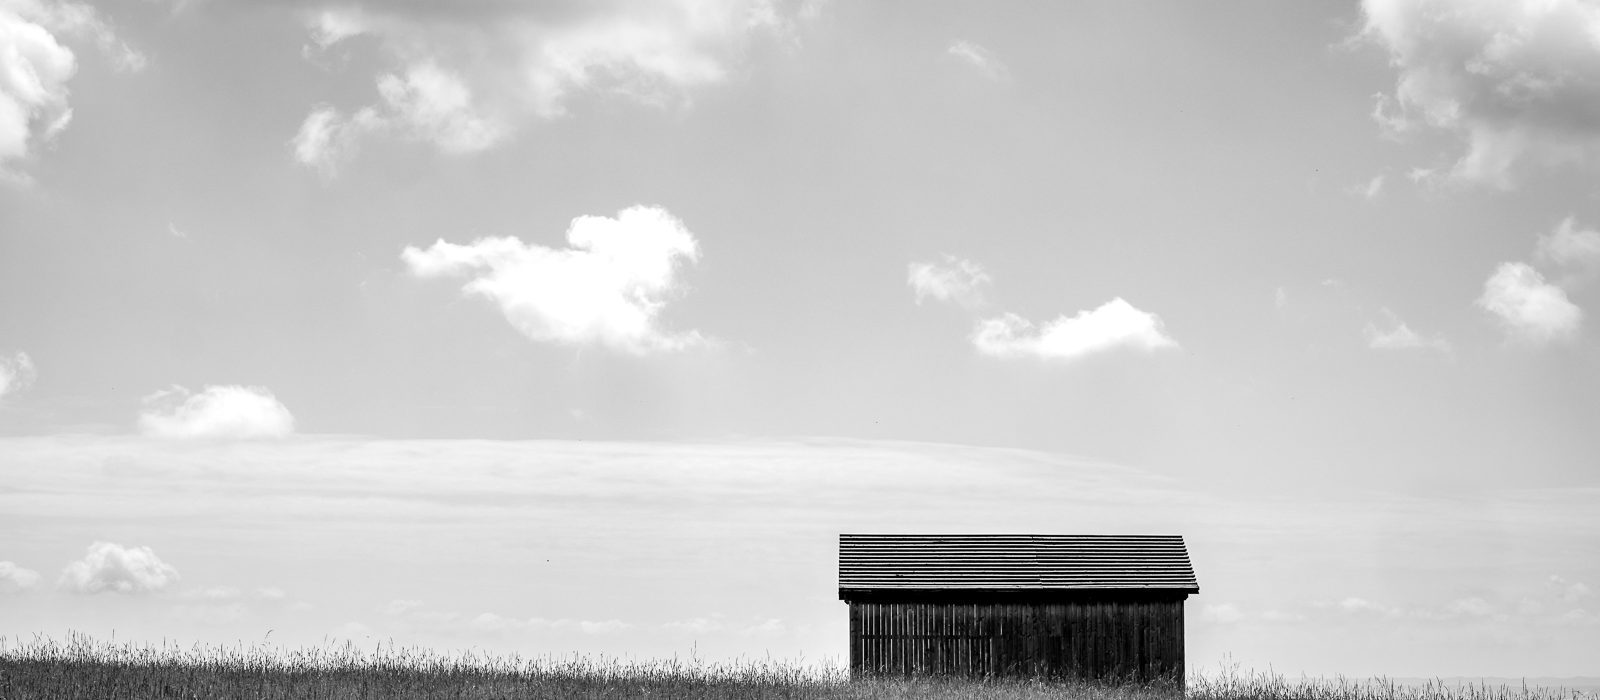 Eine einfache Hütte mit tollen Wolken